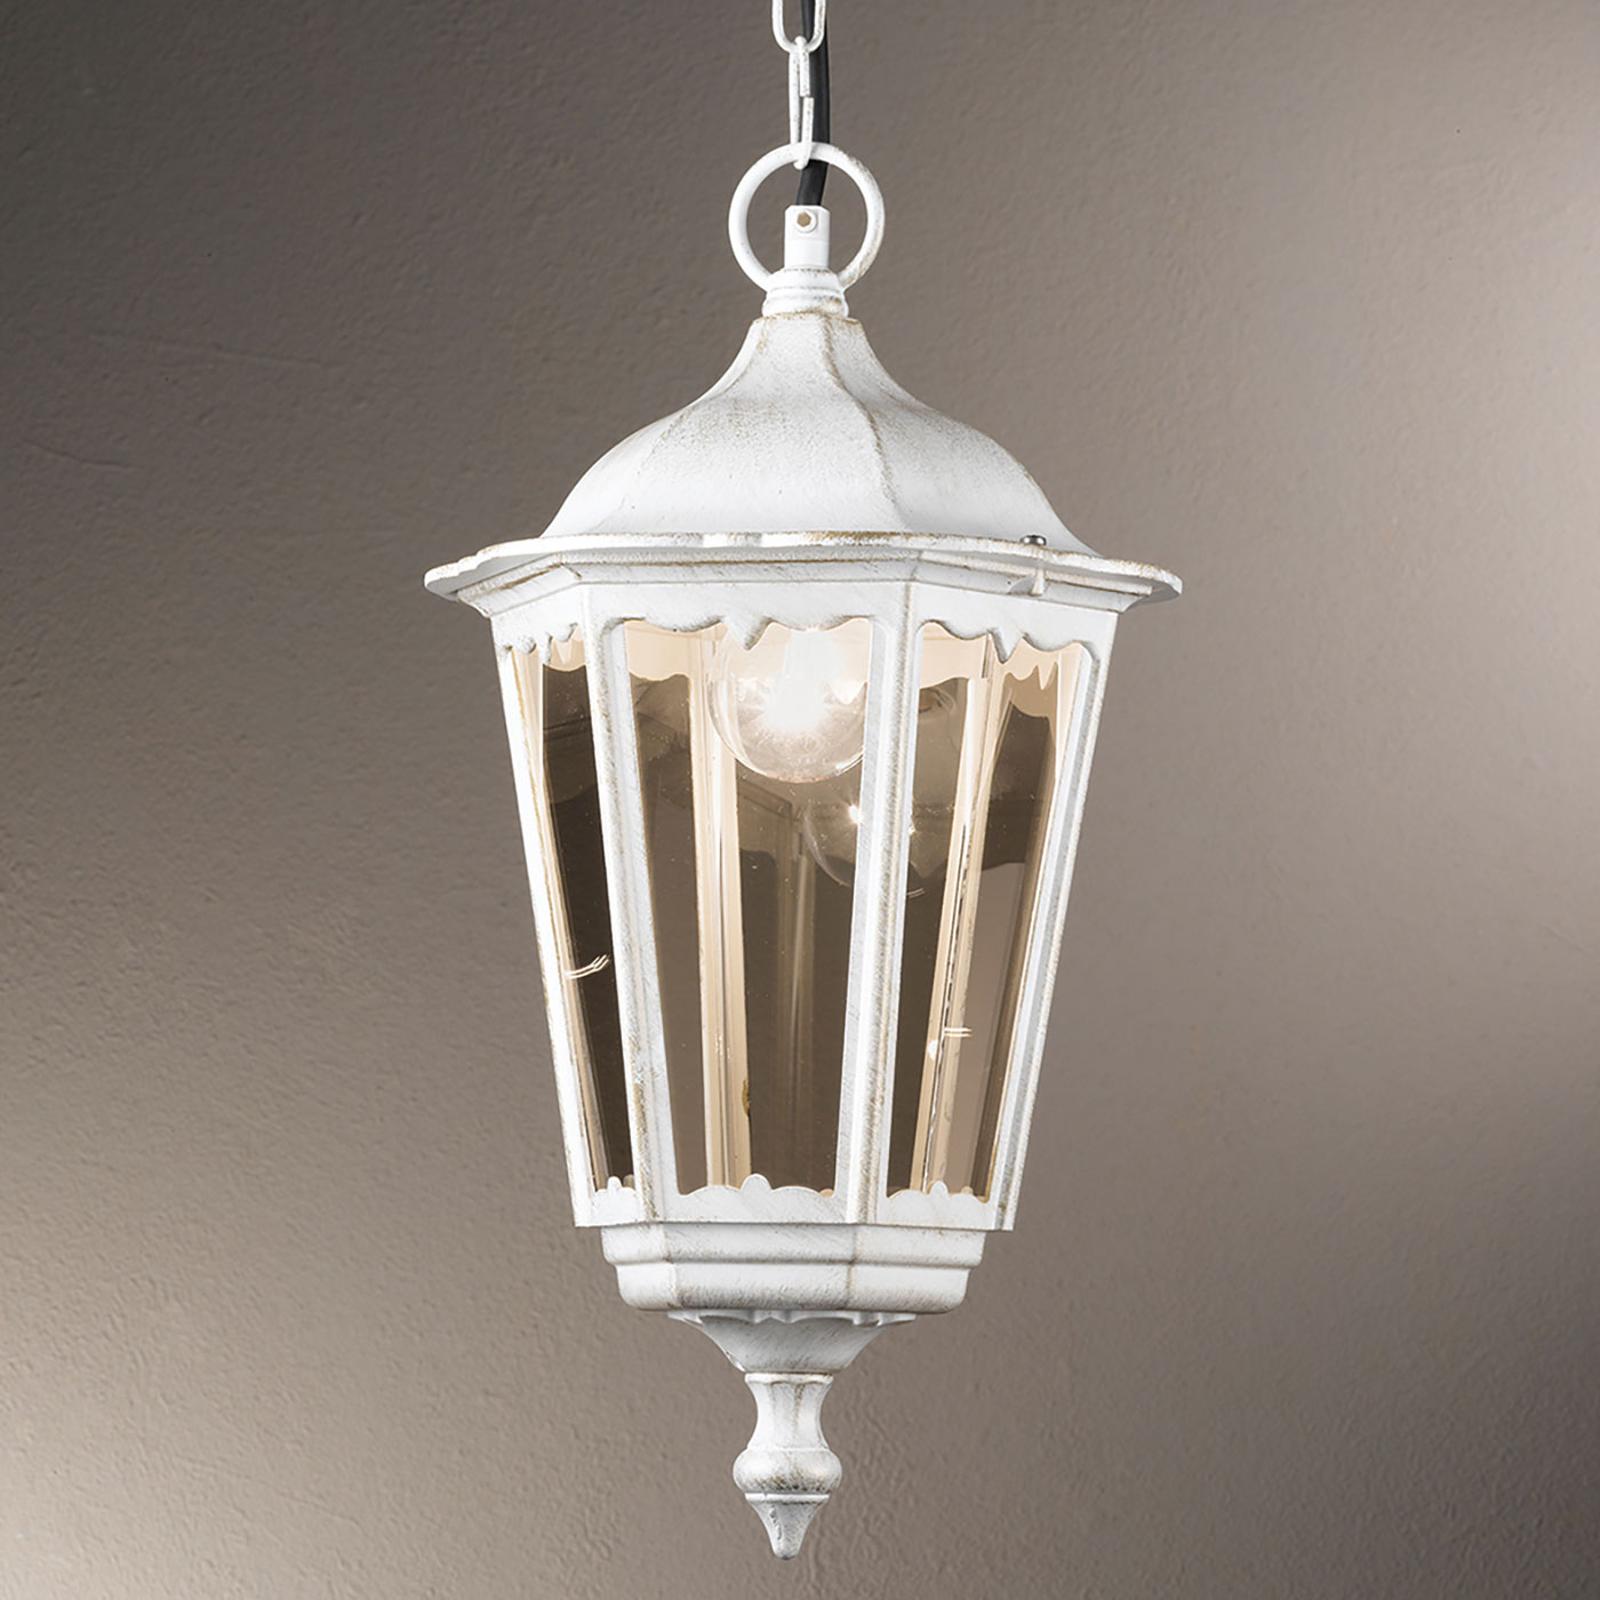 Lampa wisząca Puchberg zewnętrzna, biało-złota